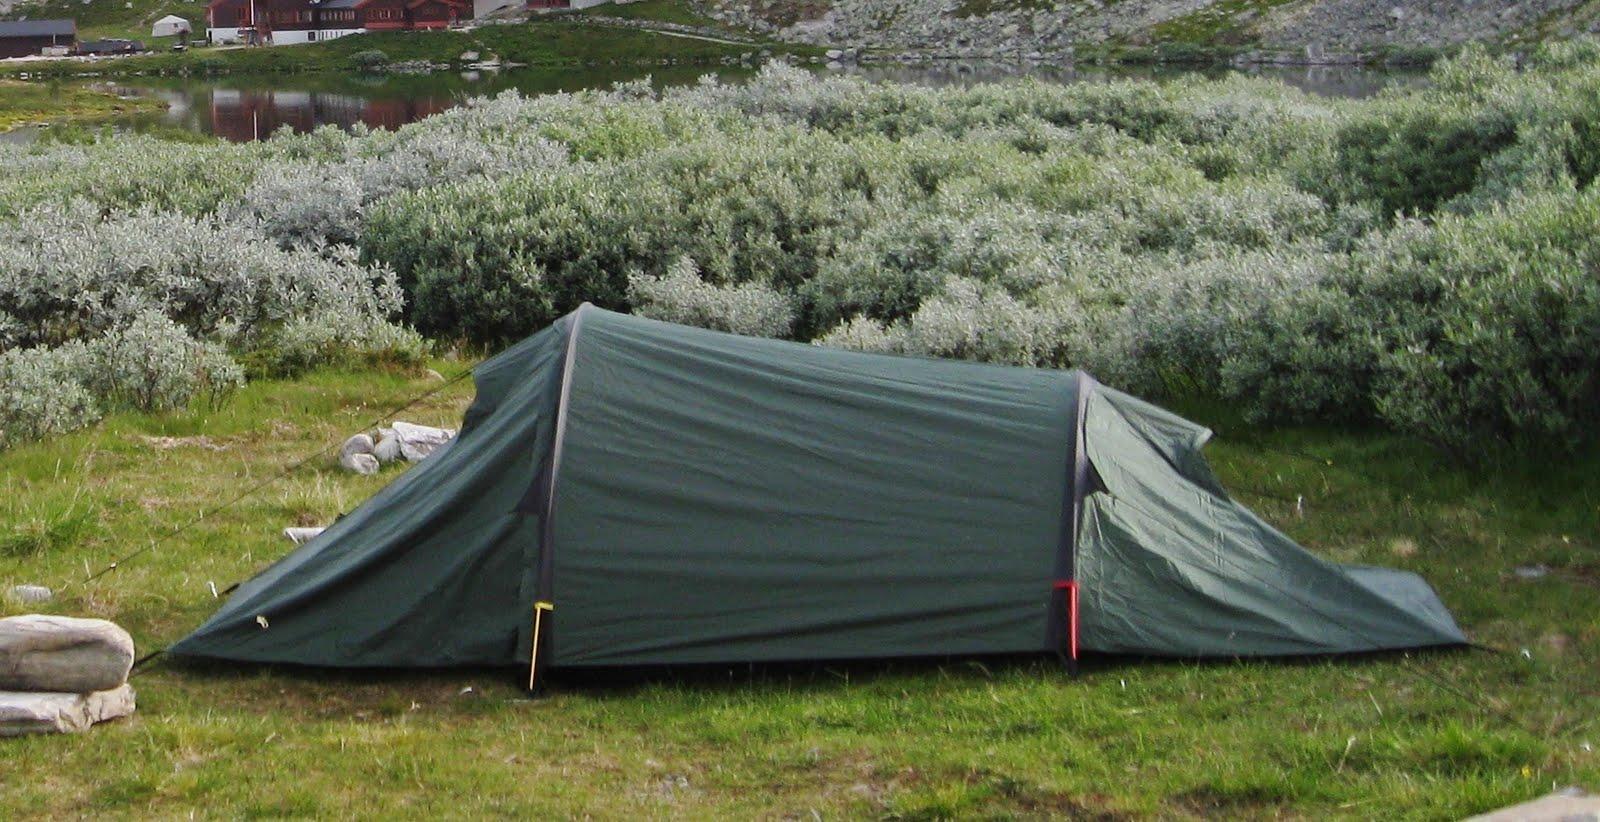 4208a671 Intersport og G-sport har et knallsalg på Bergans Trillemarka 2 telt i  disse dager. For kun kr. 999,- får du et helt greit telt, beregnet for 2  personer.